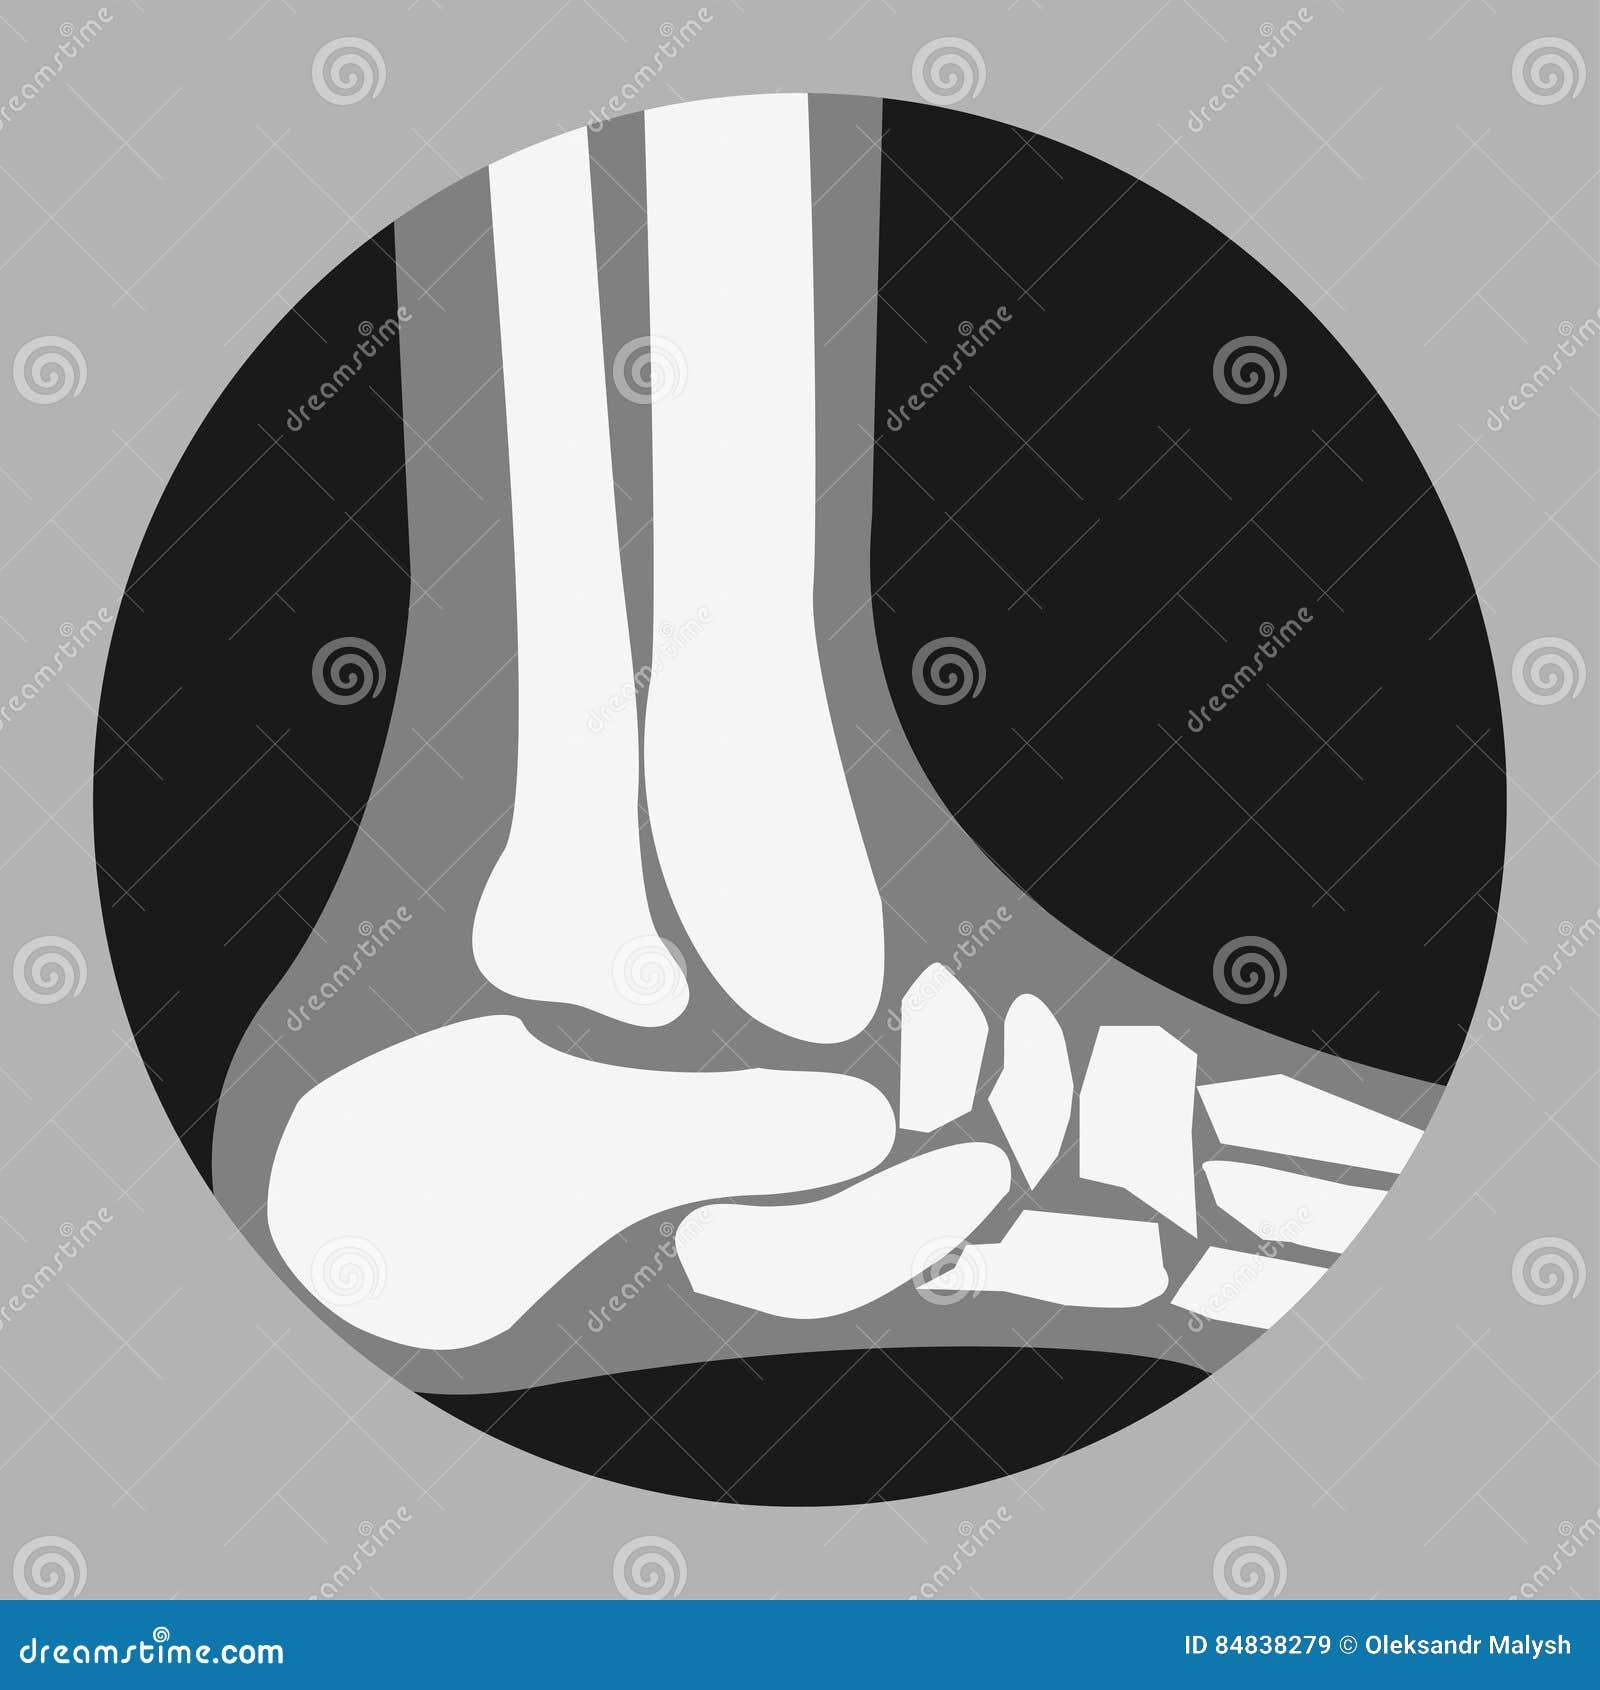 Huesos de pie humano ilustración del vector. Ilustración de gráfico ...